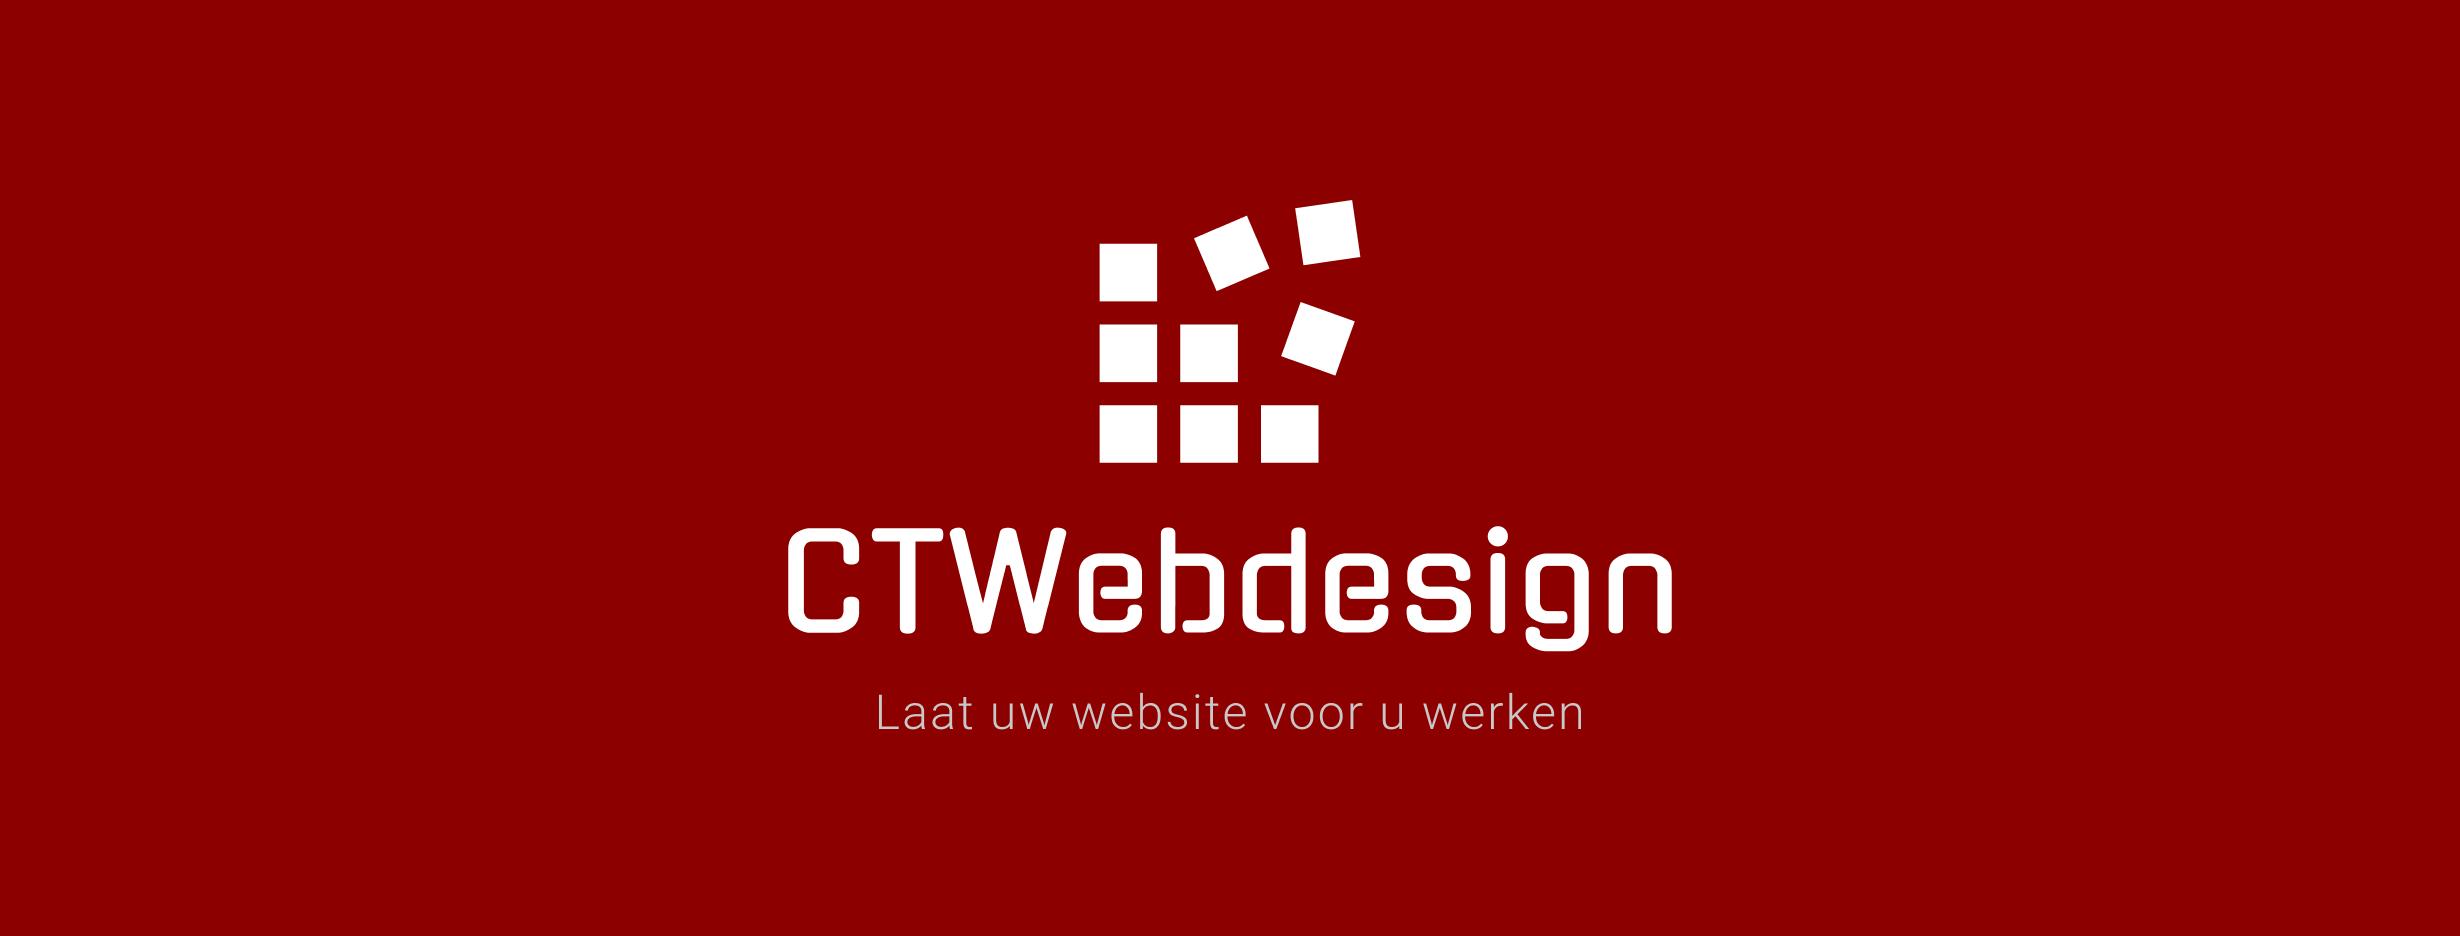 (c) Ctwebdesign.nl